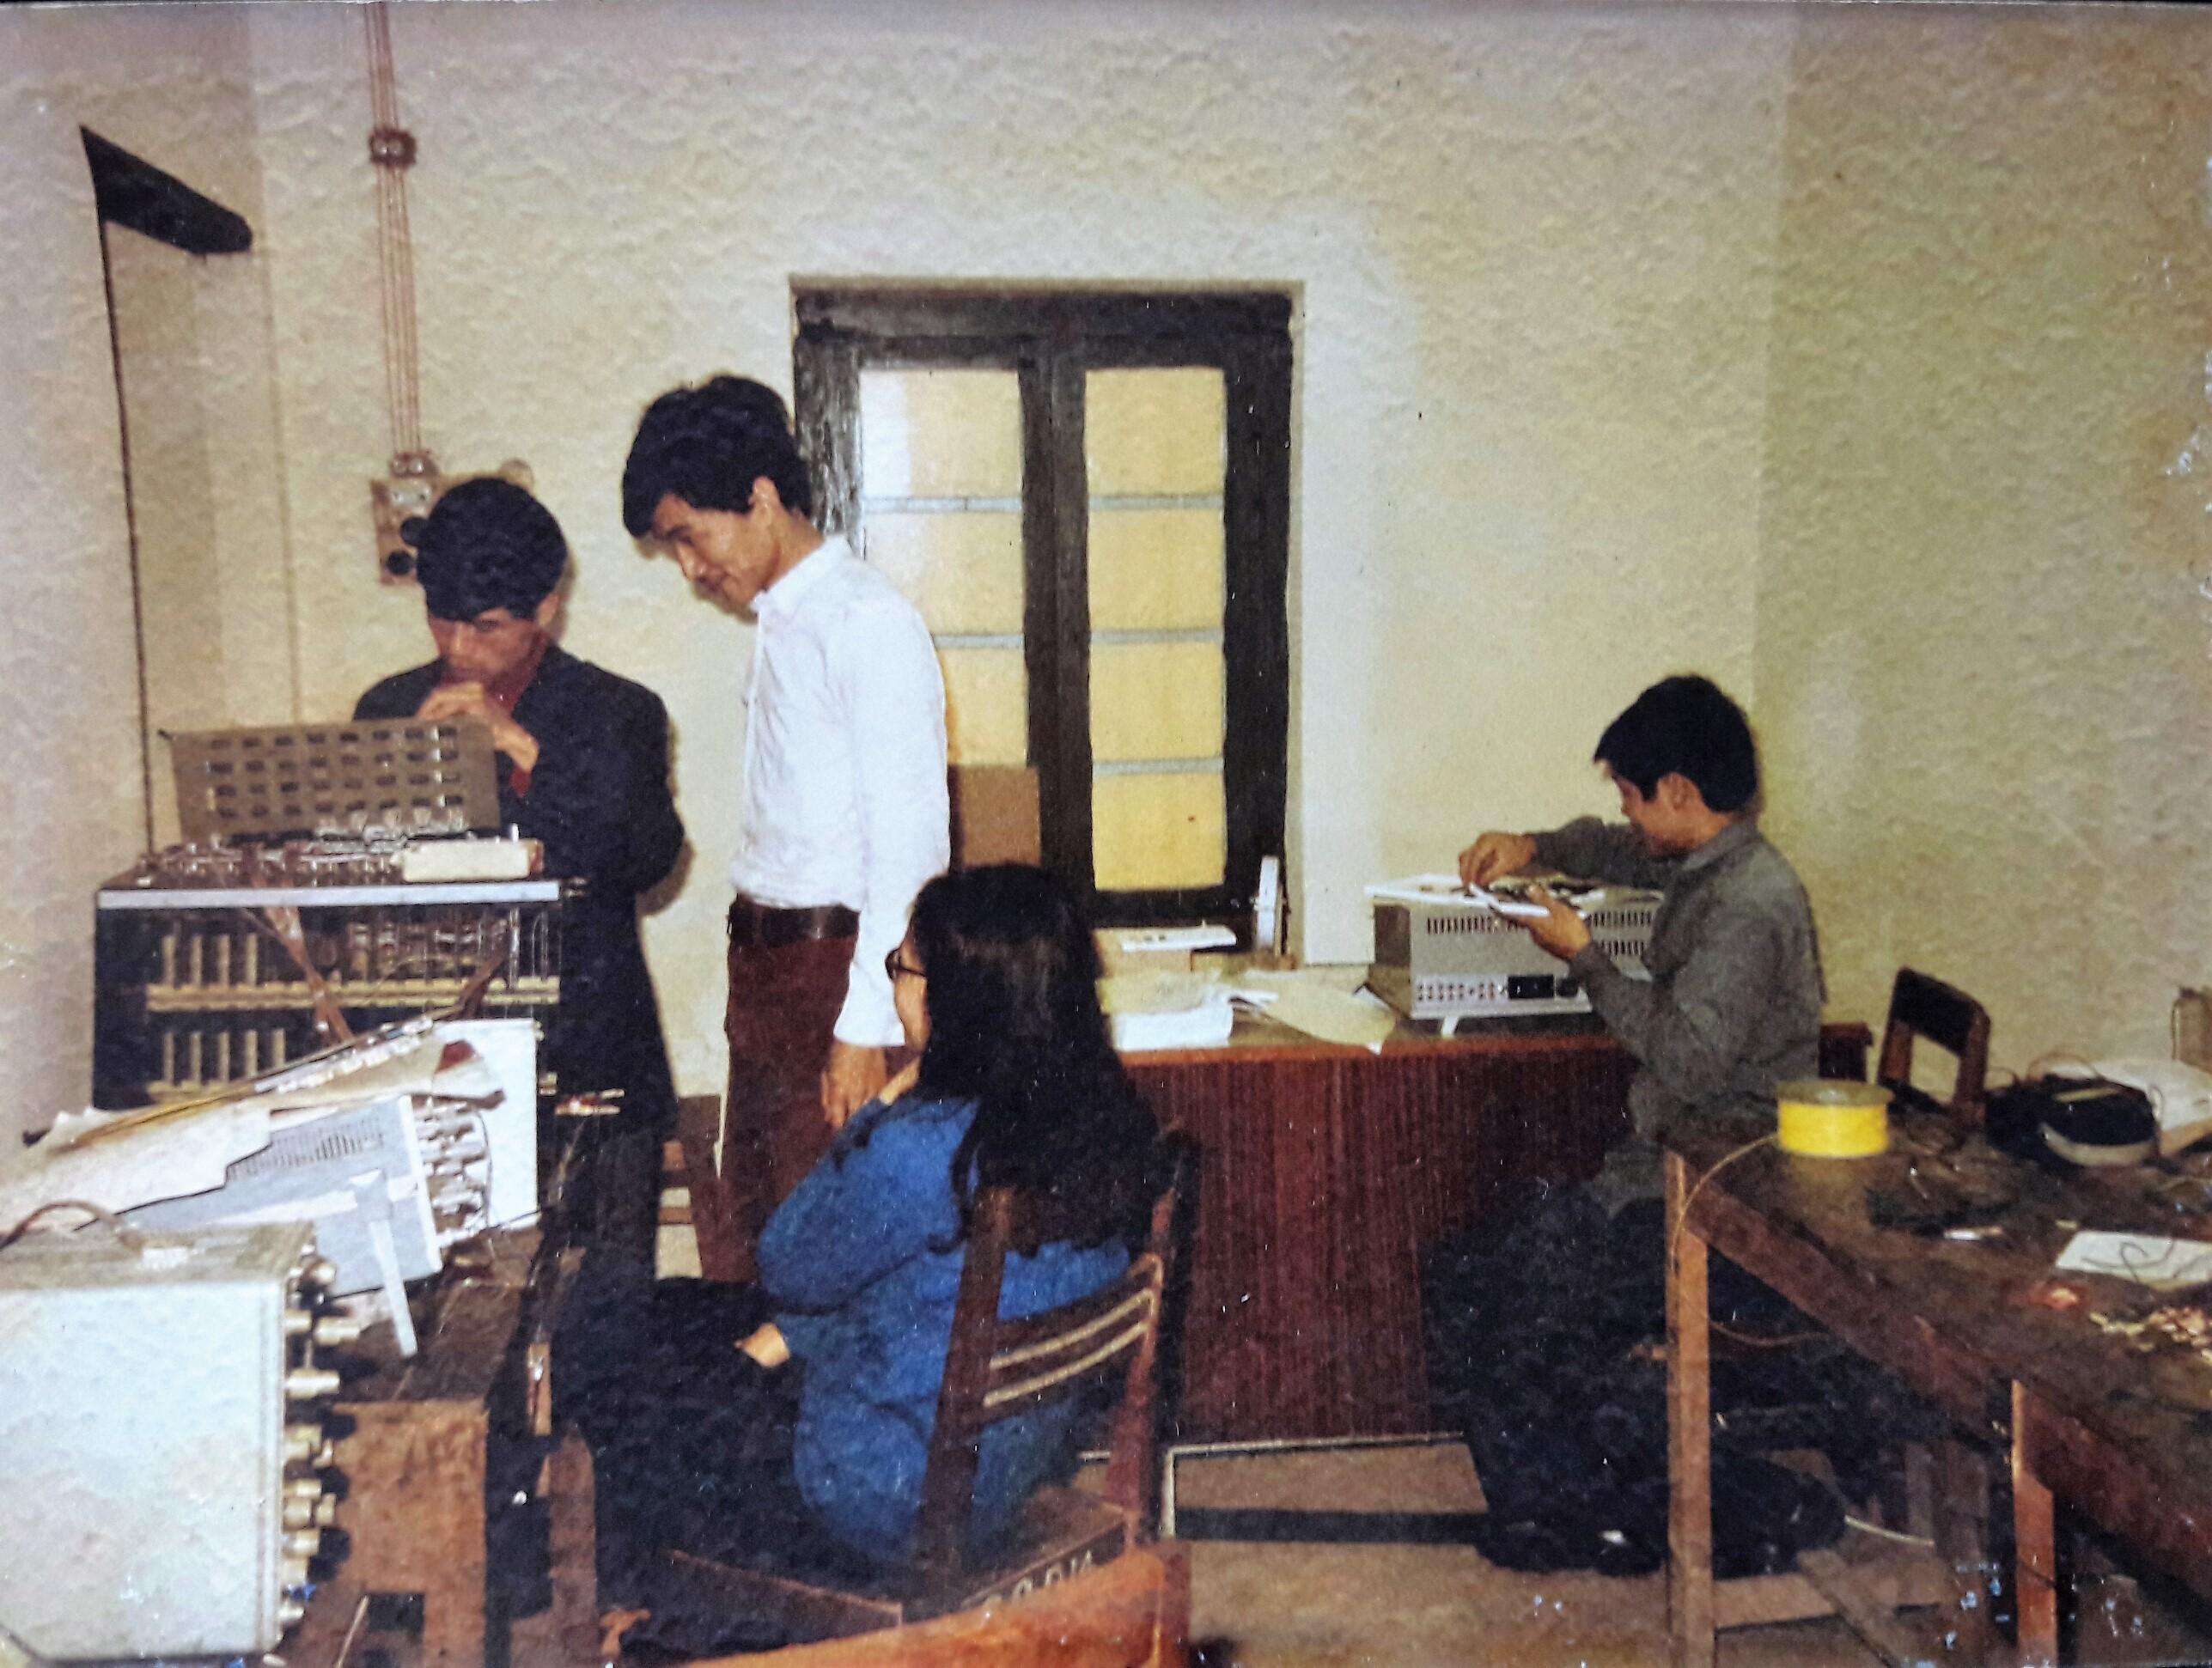 Nguyễn Trung Đồng, Nghiêm Mỹ, Phan Minh Tân, Nguyễn Chí Công lắp máy VT80 tháng 1-1977. Đây là chiếc máy vi tính đầu tiên do Việt Nam chế tạo.